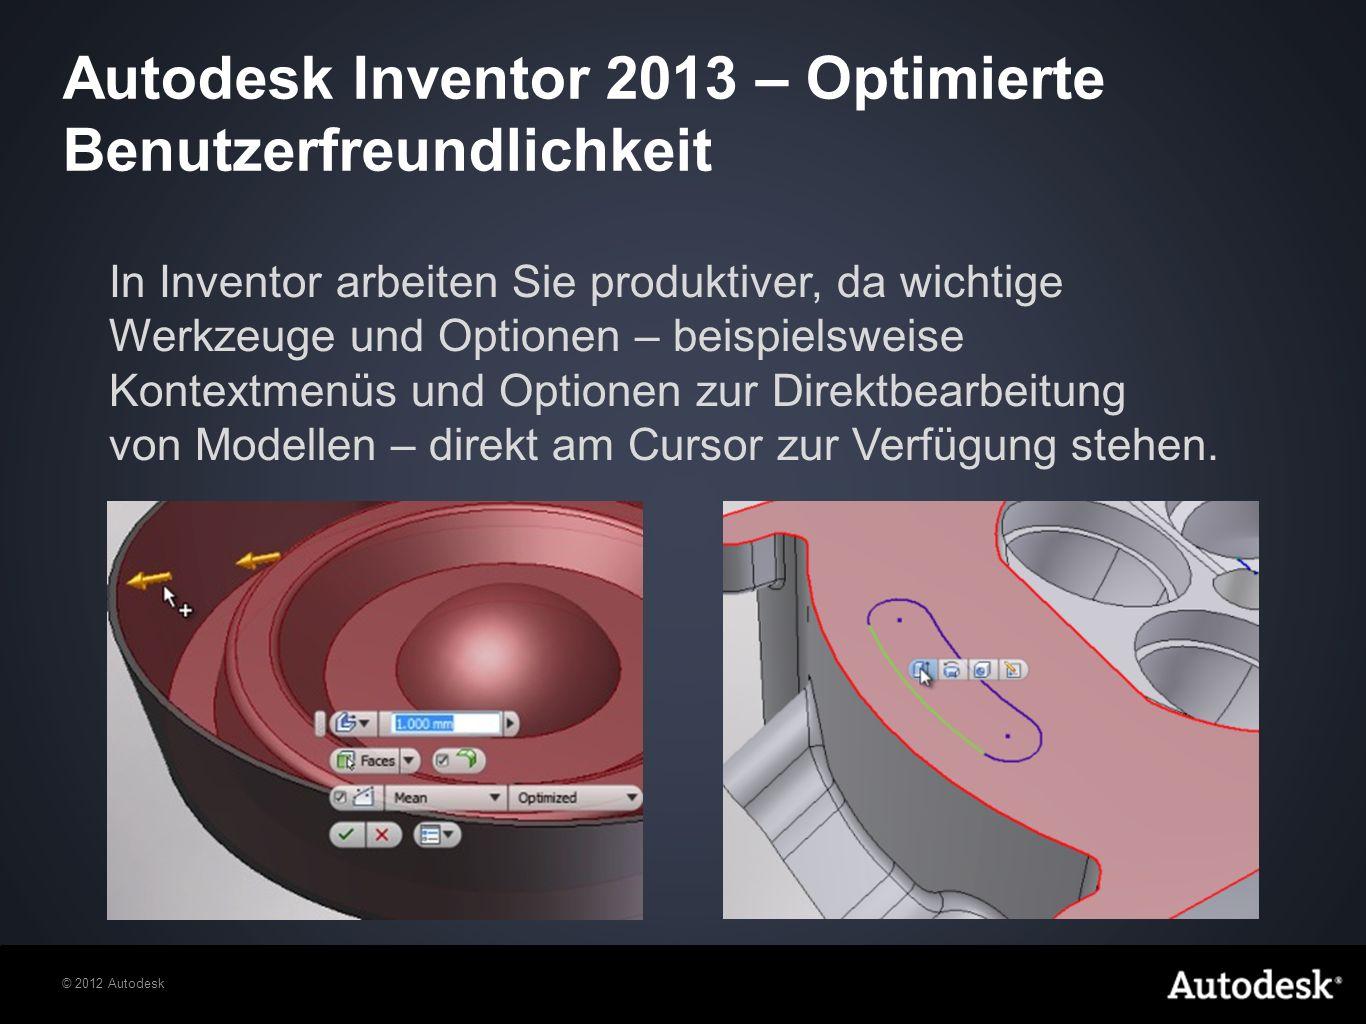 Autodesk Inventor 2013 – Optimierte Benutzerfreundlichkeit